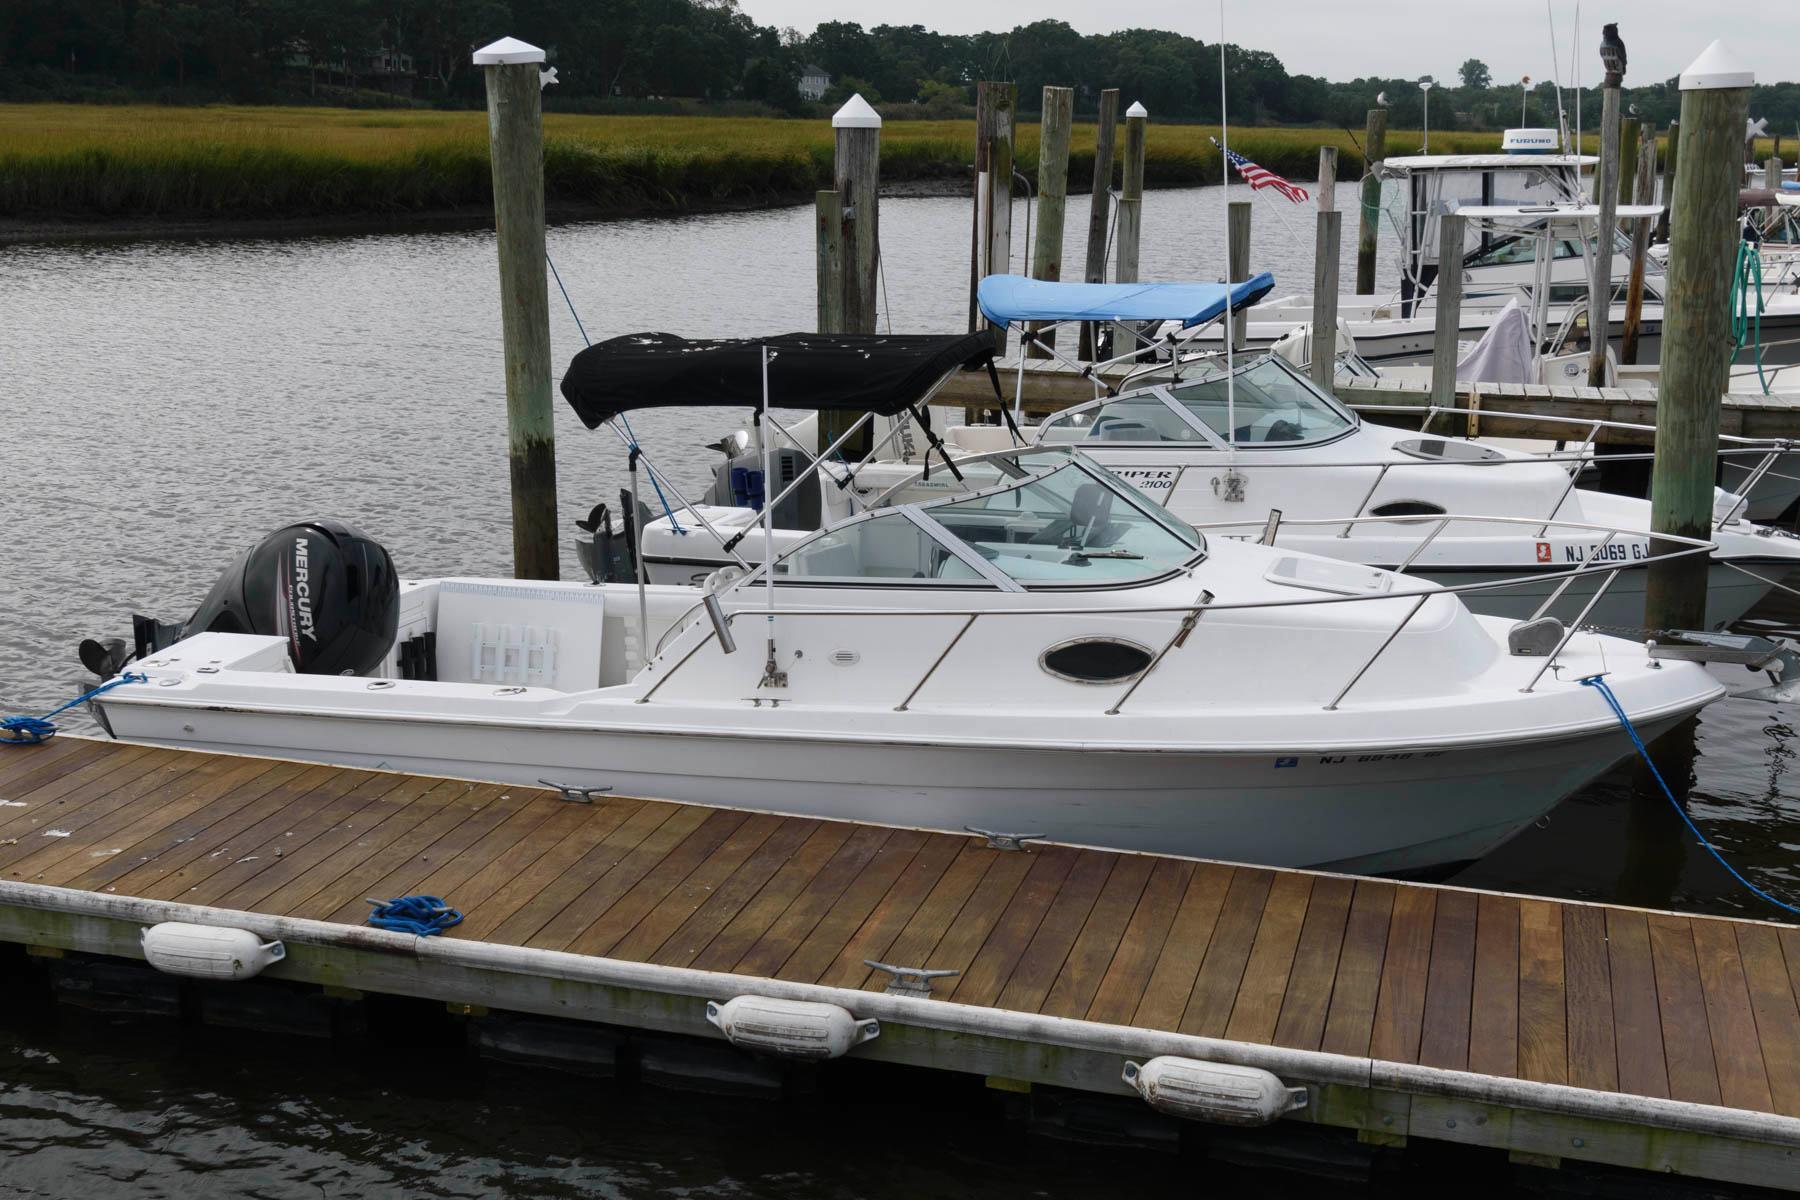 NJ 6492 JD Knot 10 Yacht Sales